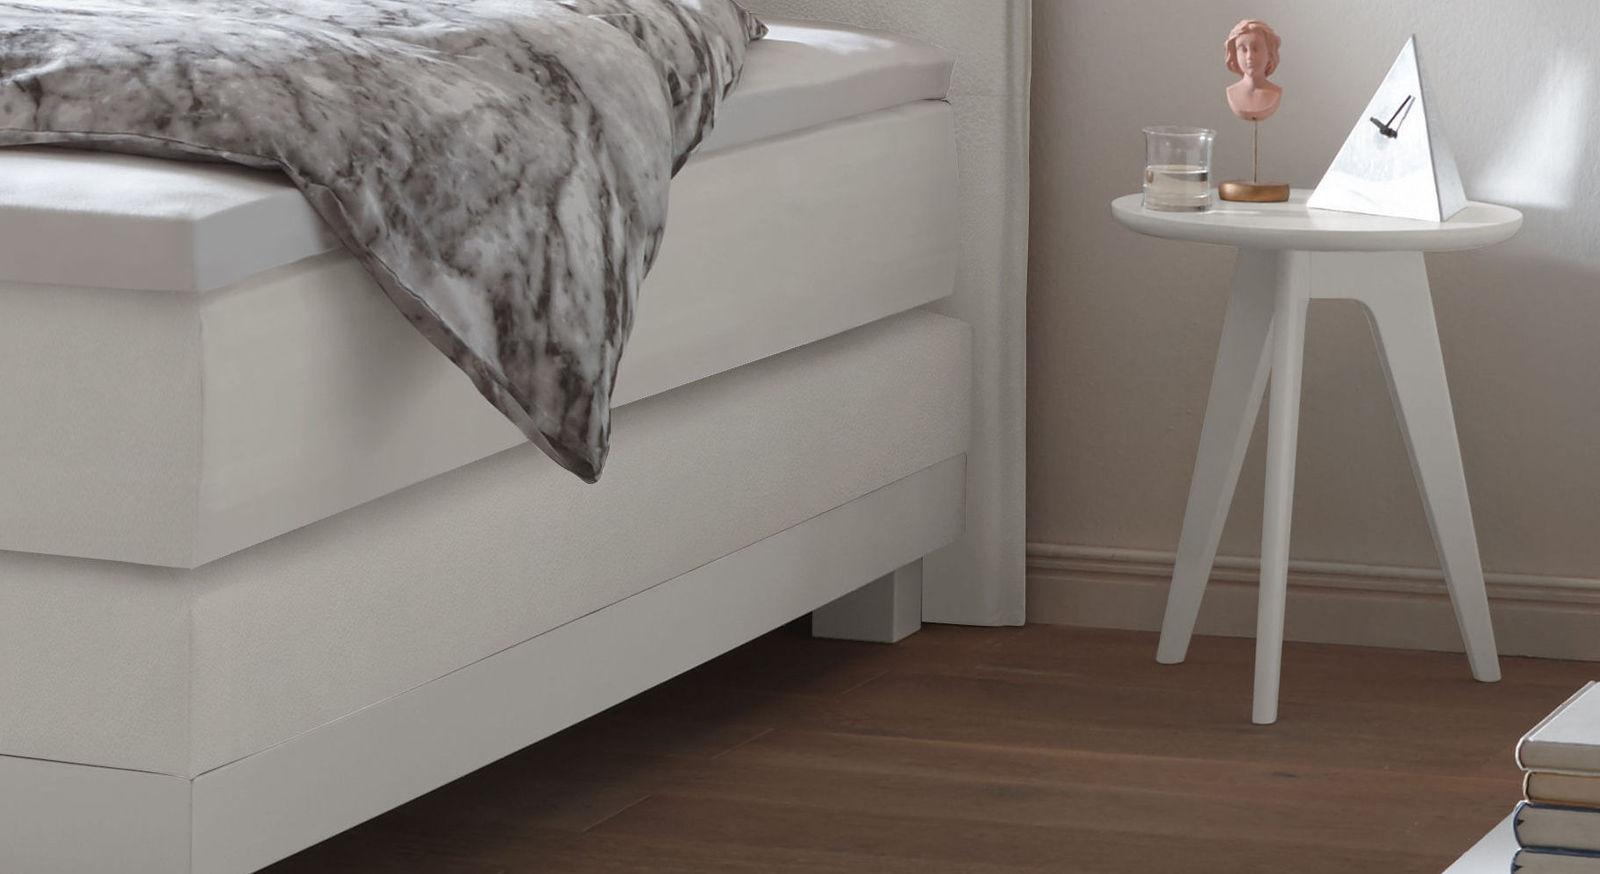 nachttisch und hocker aus massiver buche wei lackiert sola. Black Bedroom Furniture Sets. Home Design Ideas